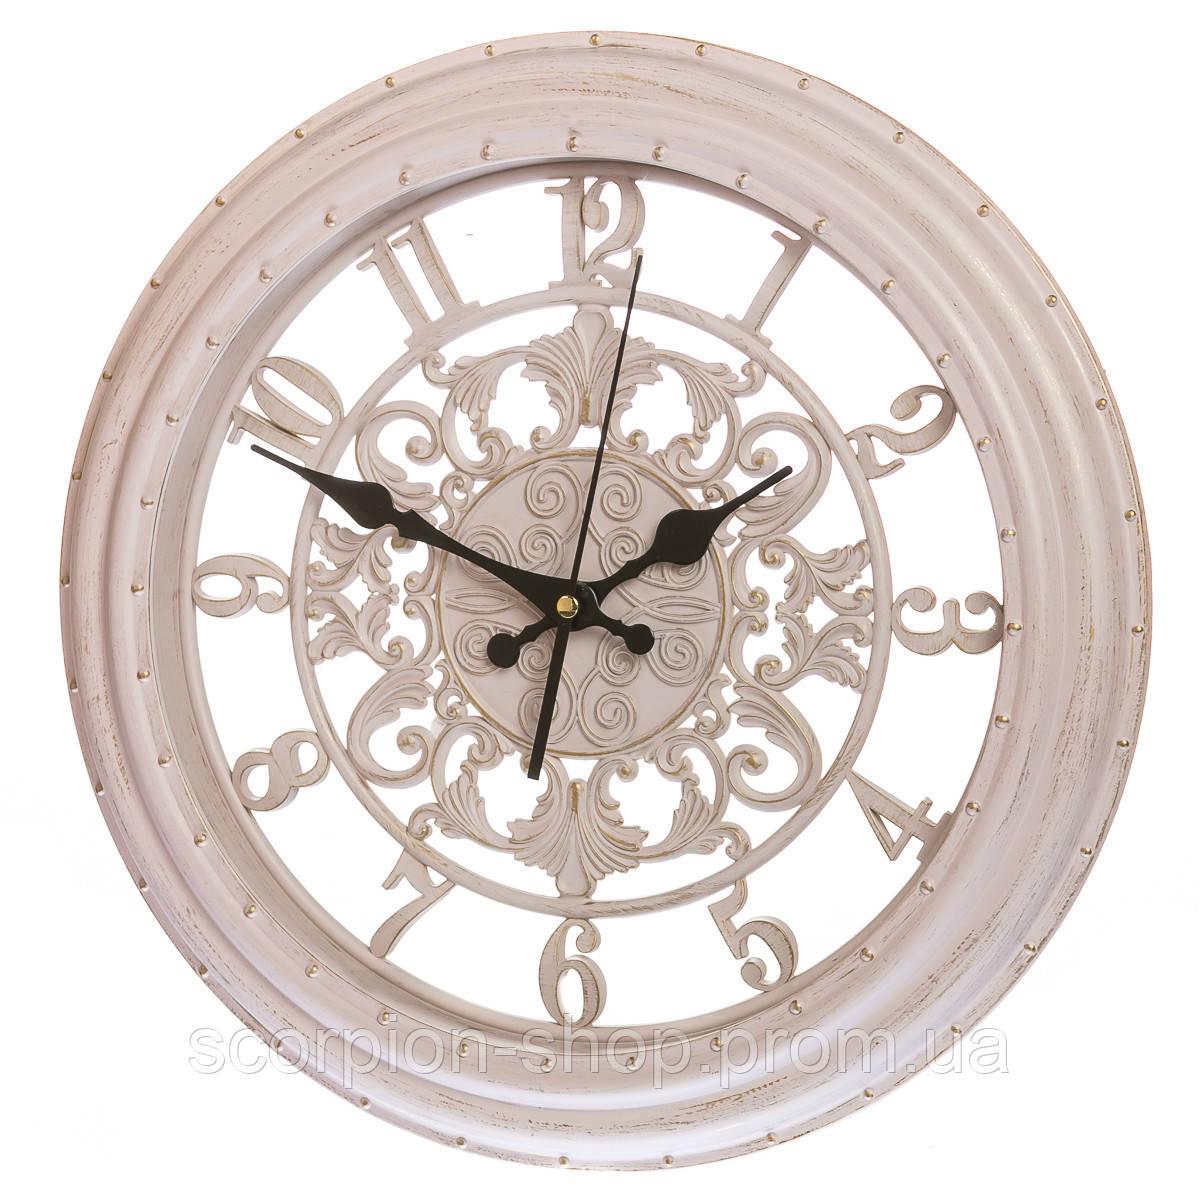 Настенные часы (Ø 36 см) ажурные (133A/cream)